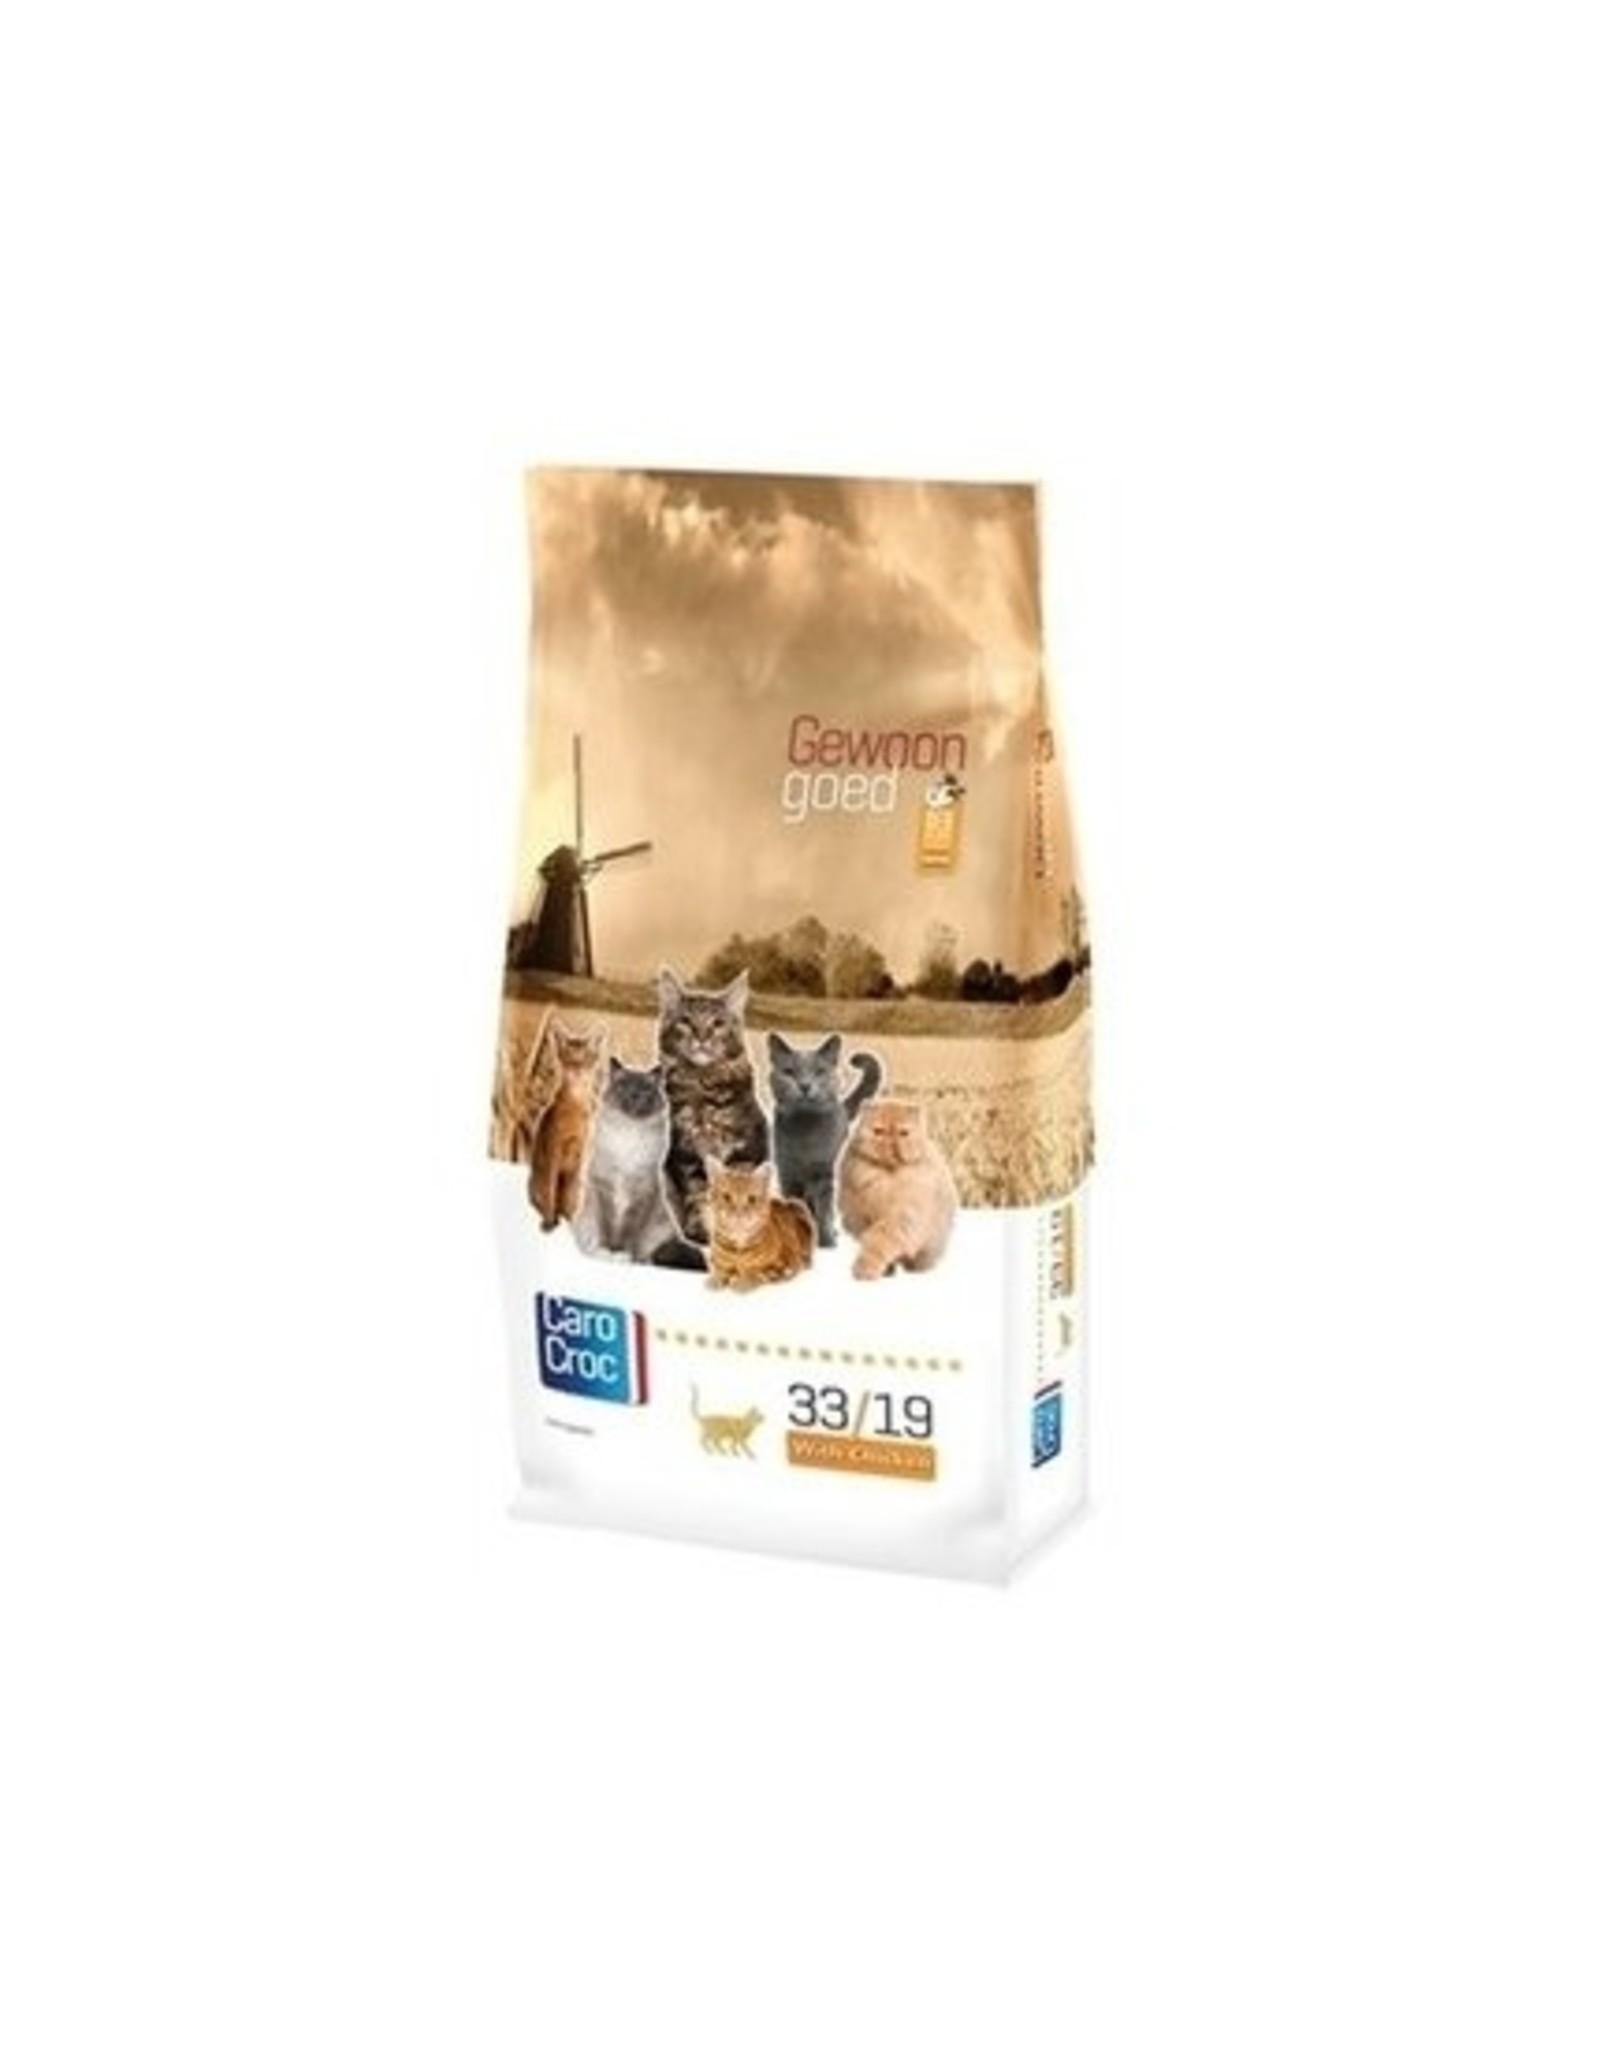 Sanimed Sanimed Carocroc Feline 33/19 Chk Rice 7kg